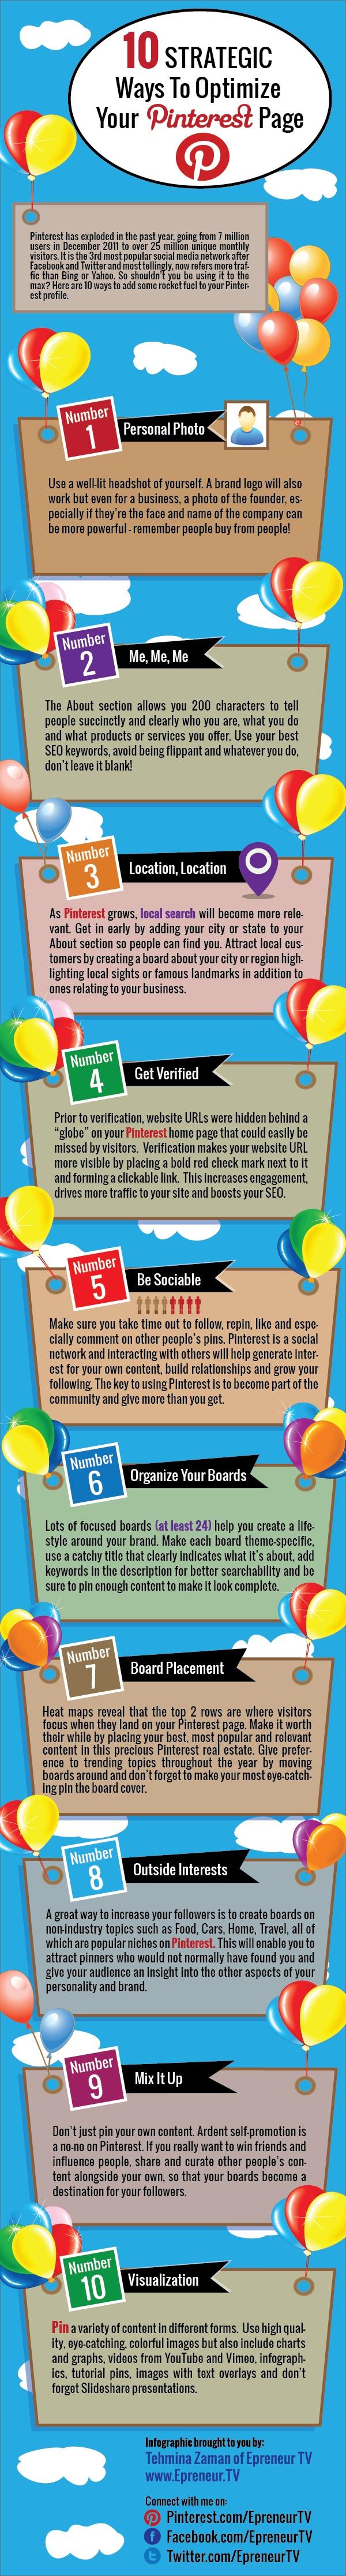 Infographie - 10 stratégie pour Pinterest (eng)